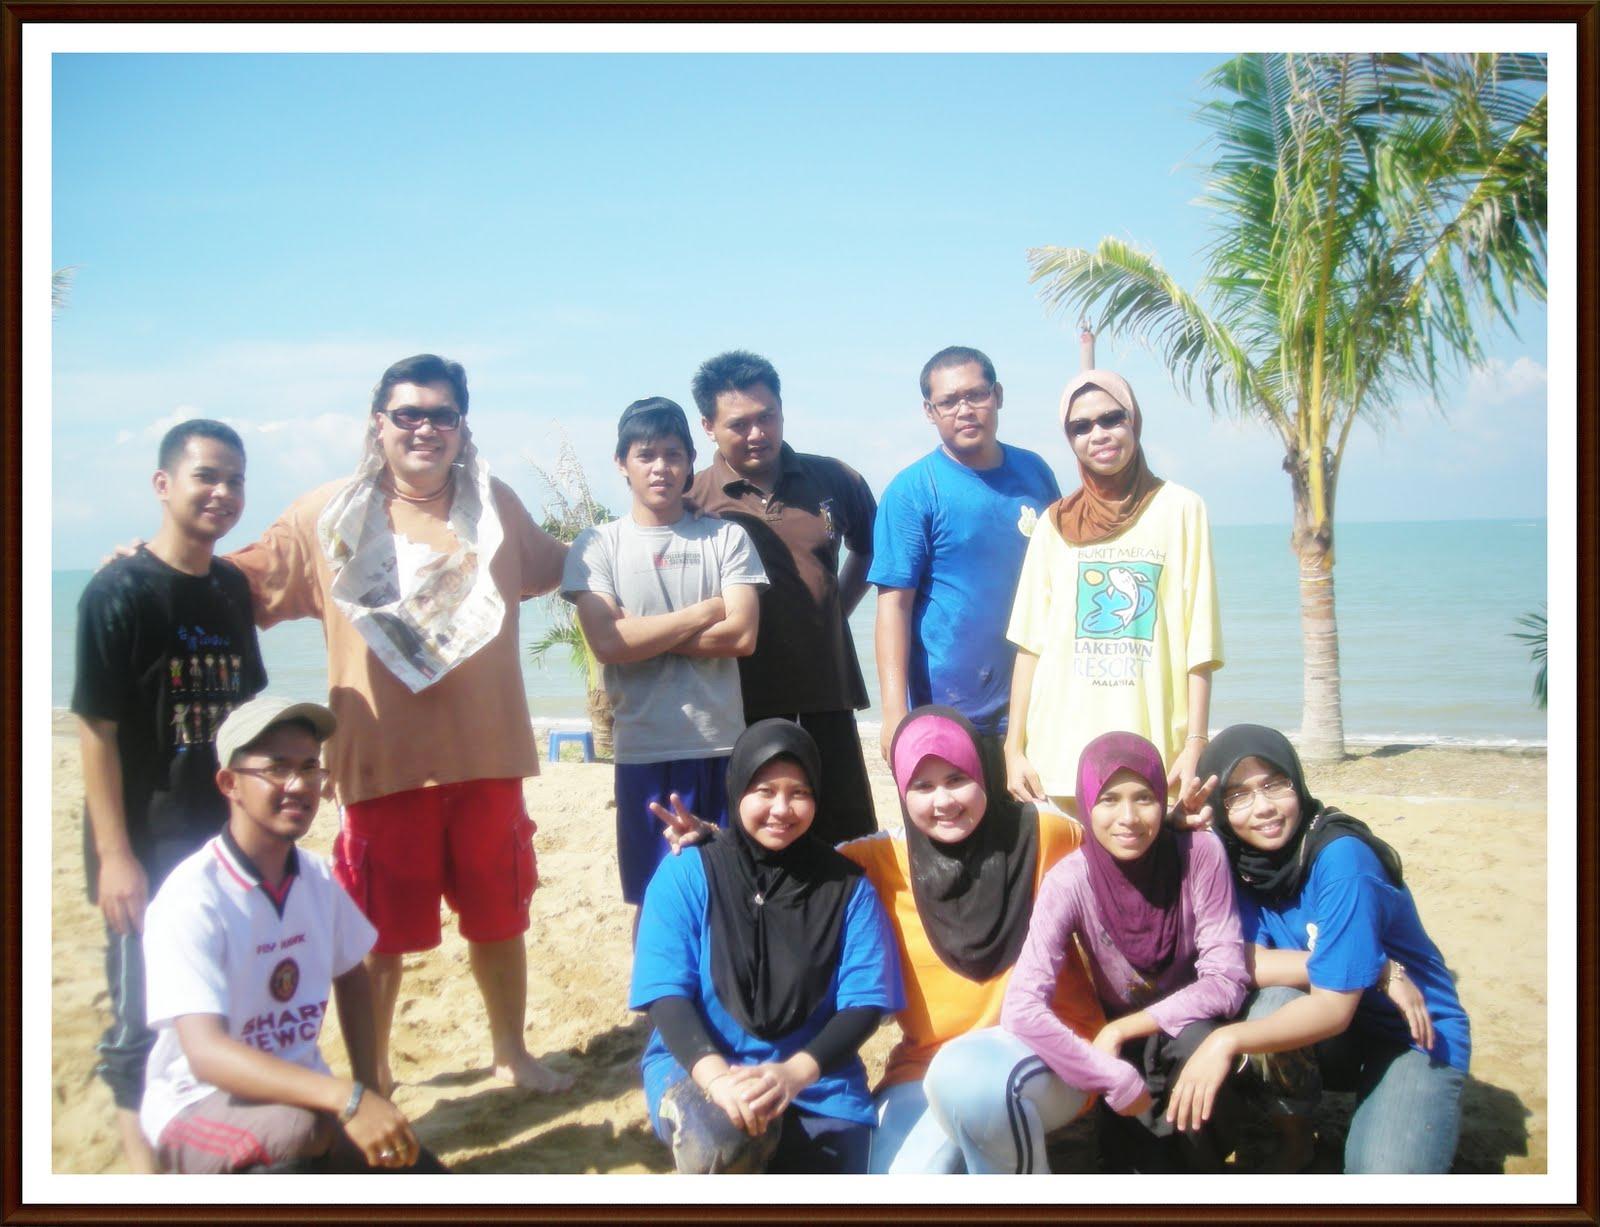 Resort Damar Suria Melaka Cuti ke Damar Suria Resort